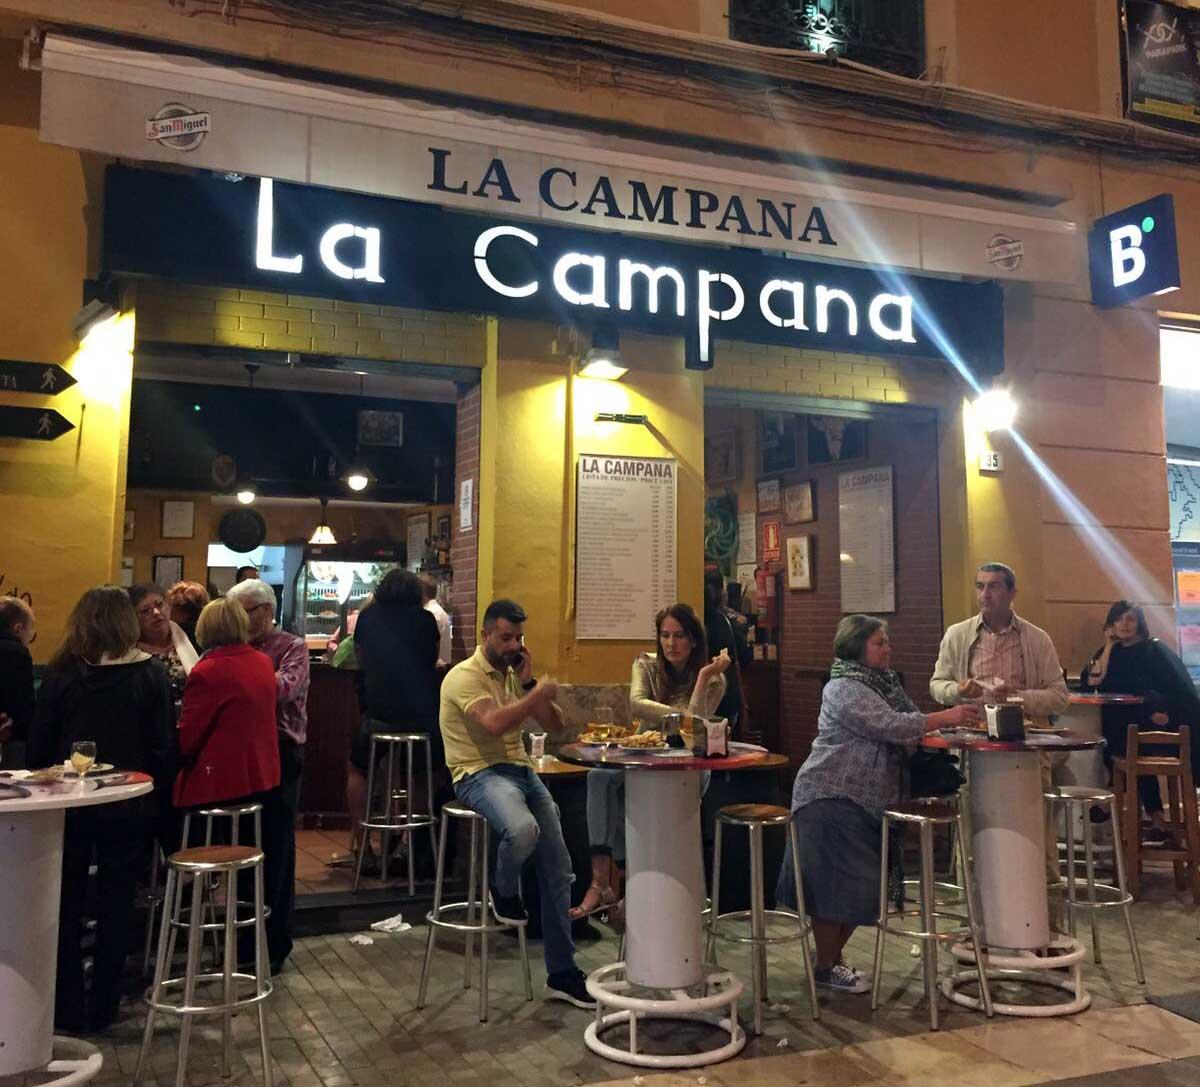 Restaurant in Malaga: La Campana